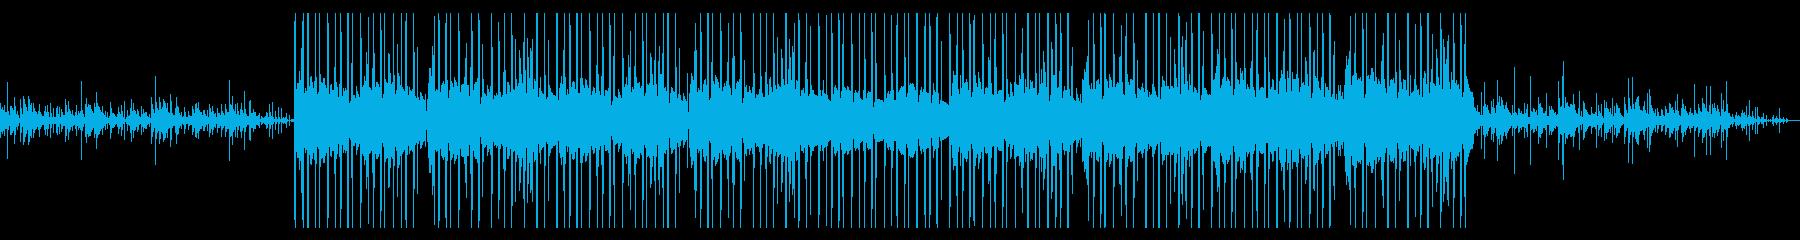 オルゴールとピアノのチルヒップホップの再生済みの波形